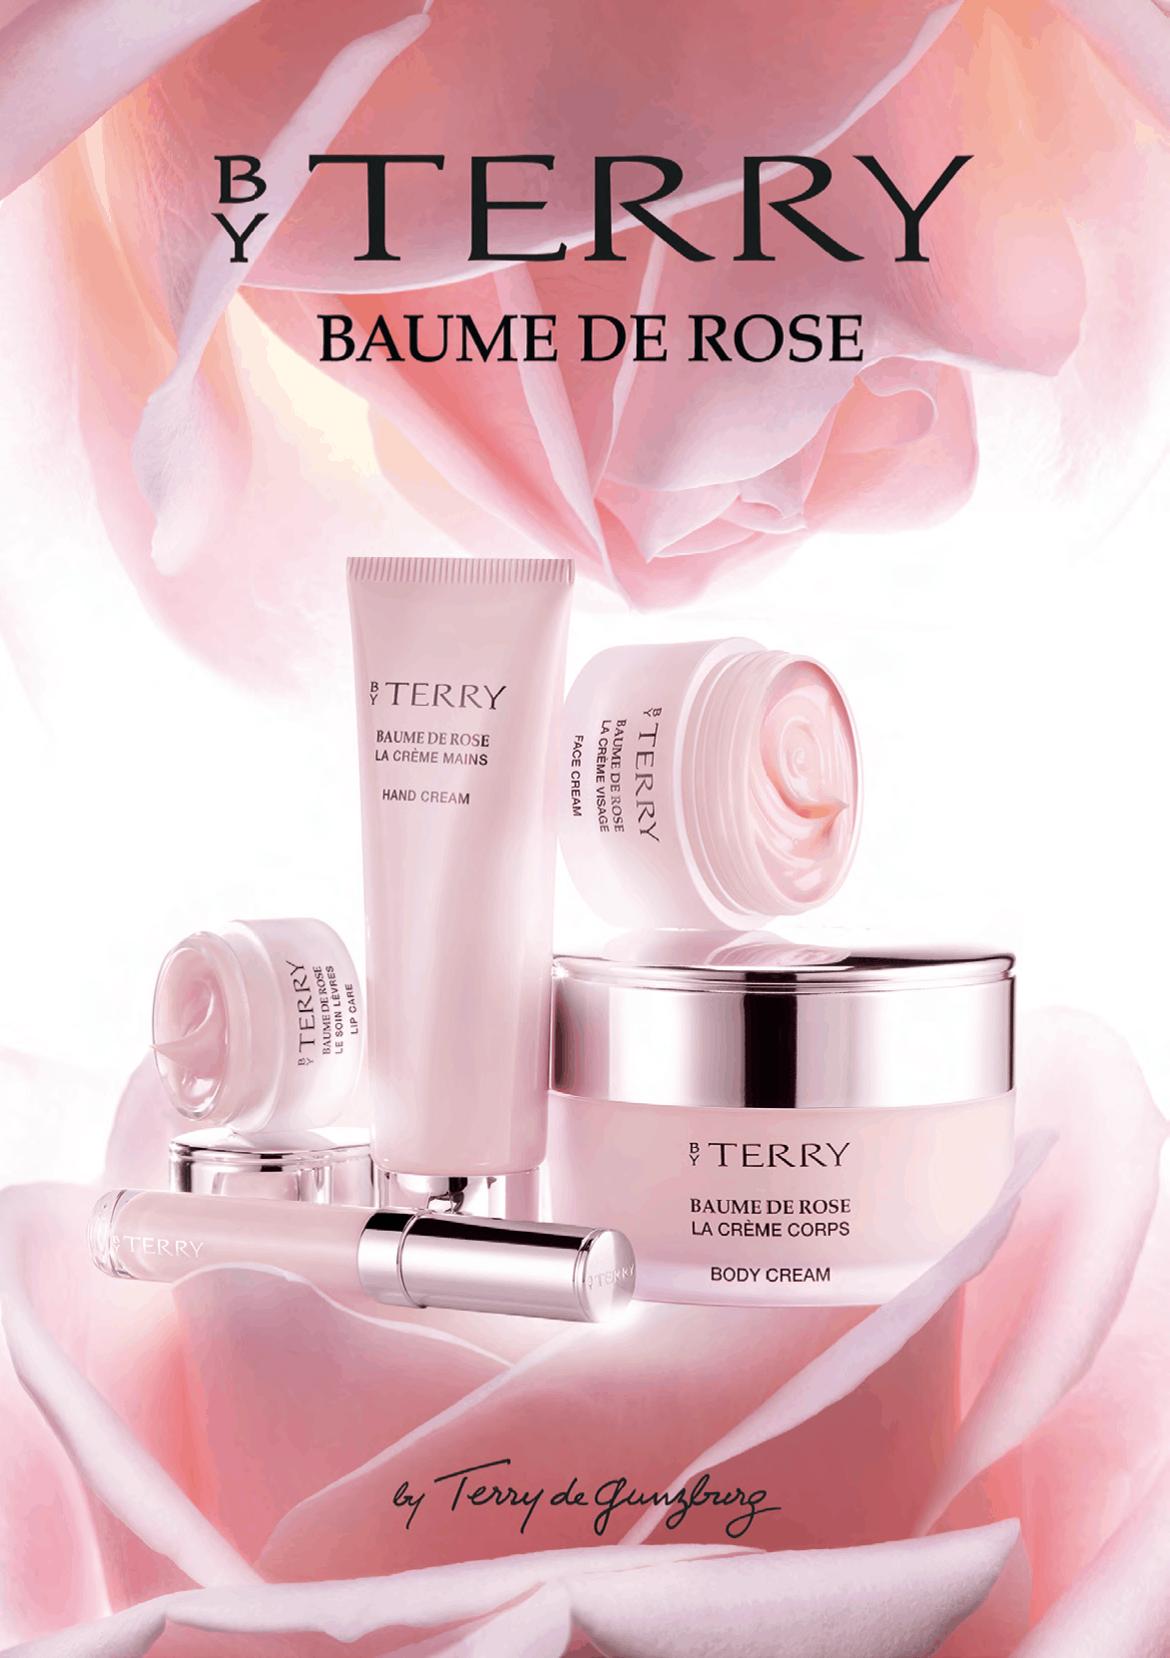 Linea Cosmetica Baume de Rose by Terry, ispirata alla delicatezza della rosa